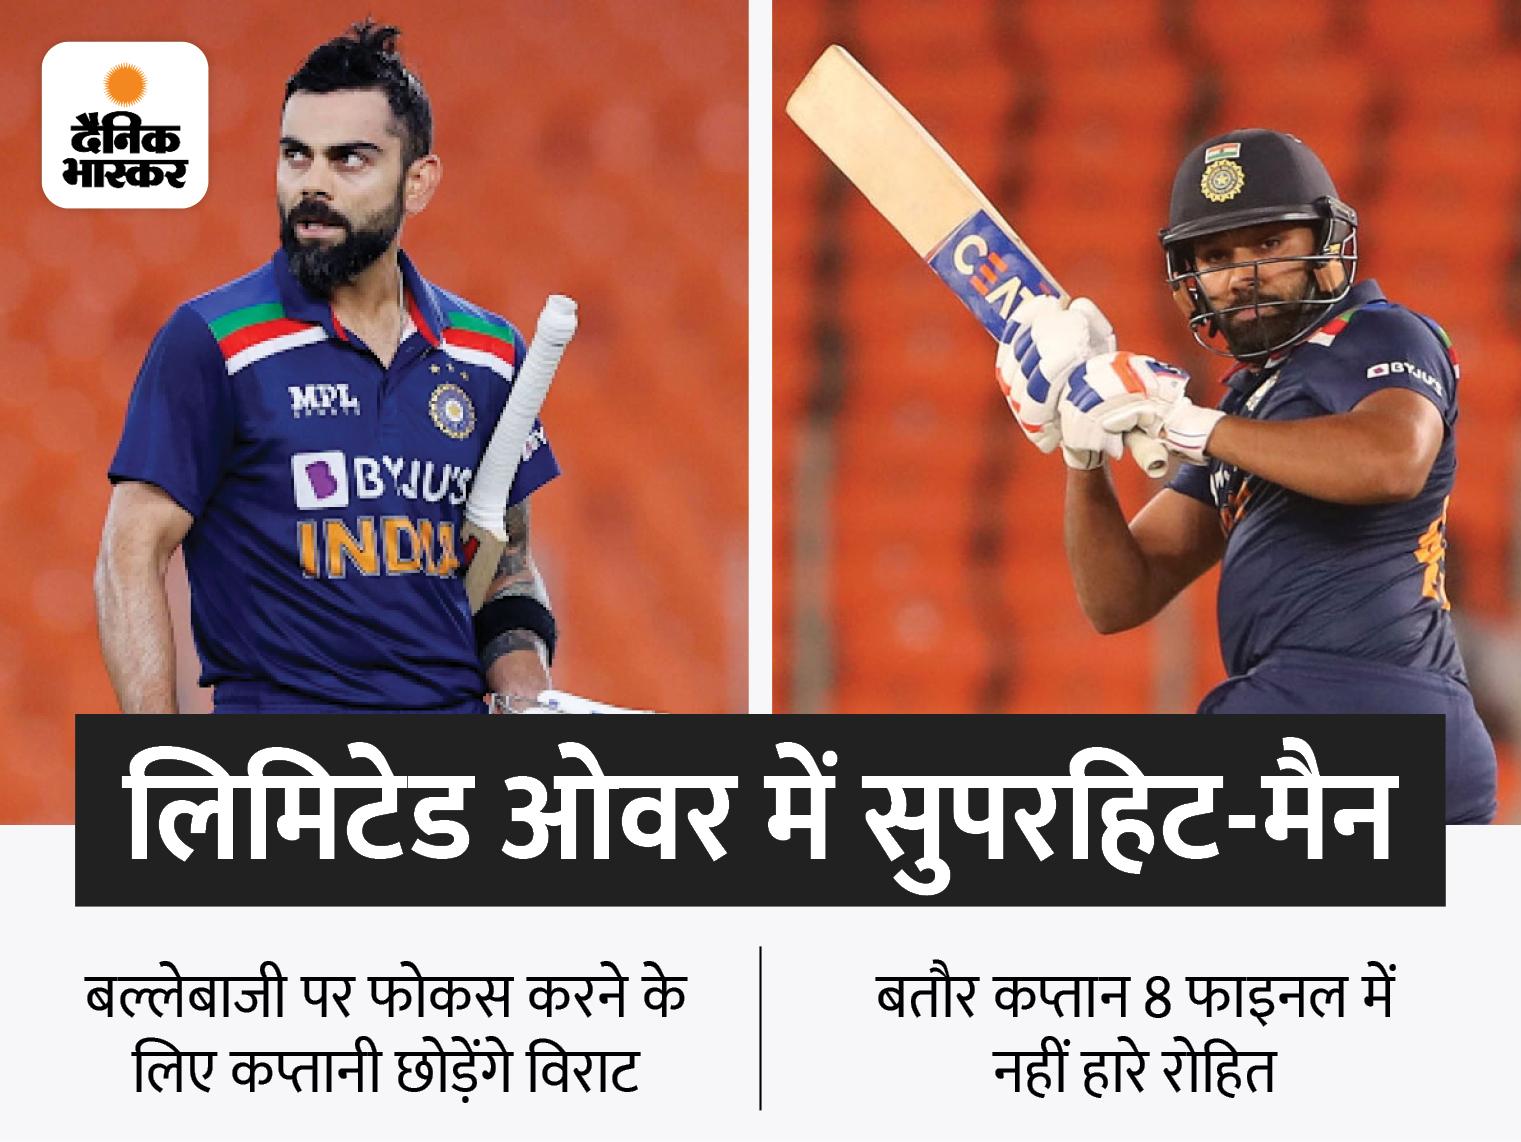 BCCI ने टी-20 वर्ल्ड कप के बाद विराट को हटाए जाने की खबरों से इनकार किया, अधिकारी बोले- उनसे कोई बात नहीं हुई|क्रिकेट,Cricket - Dainik Bhaskar